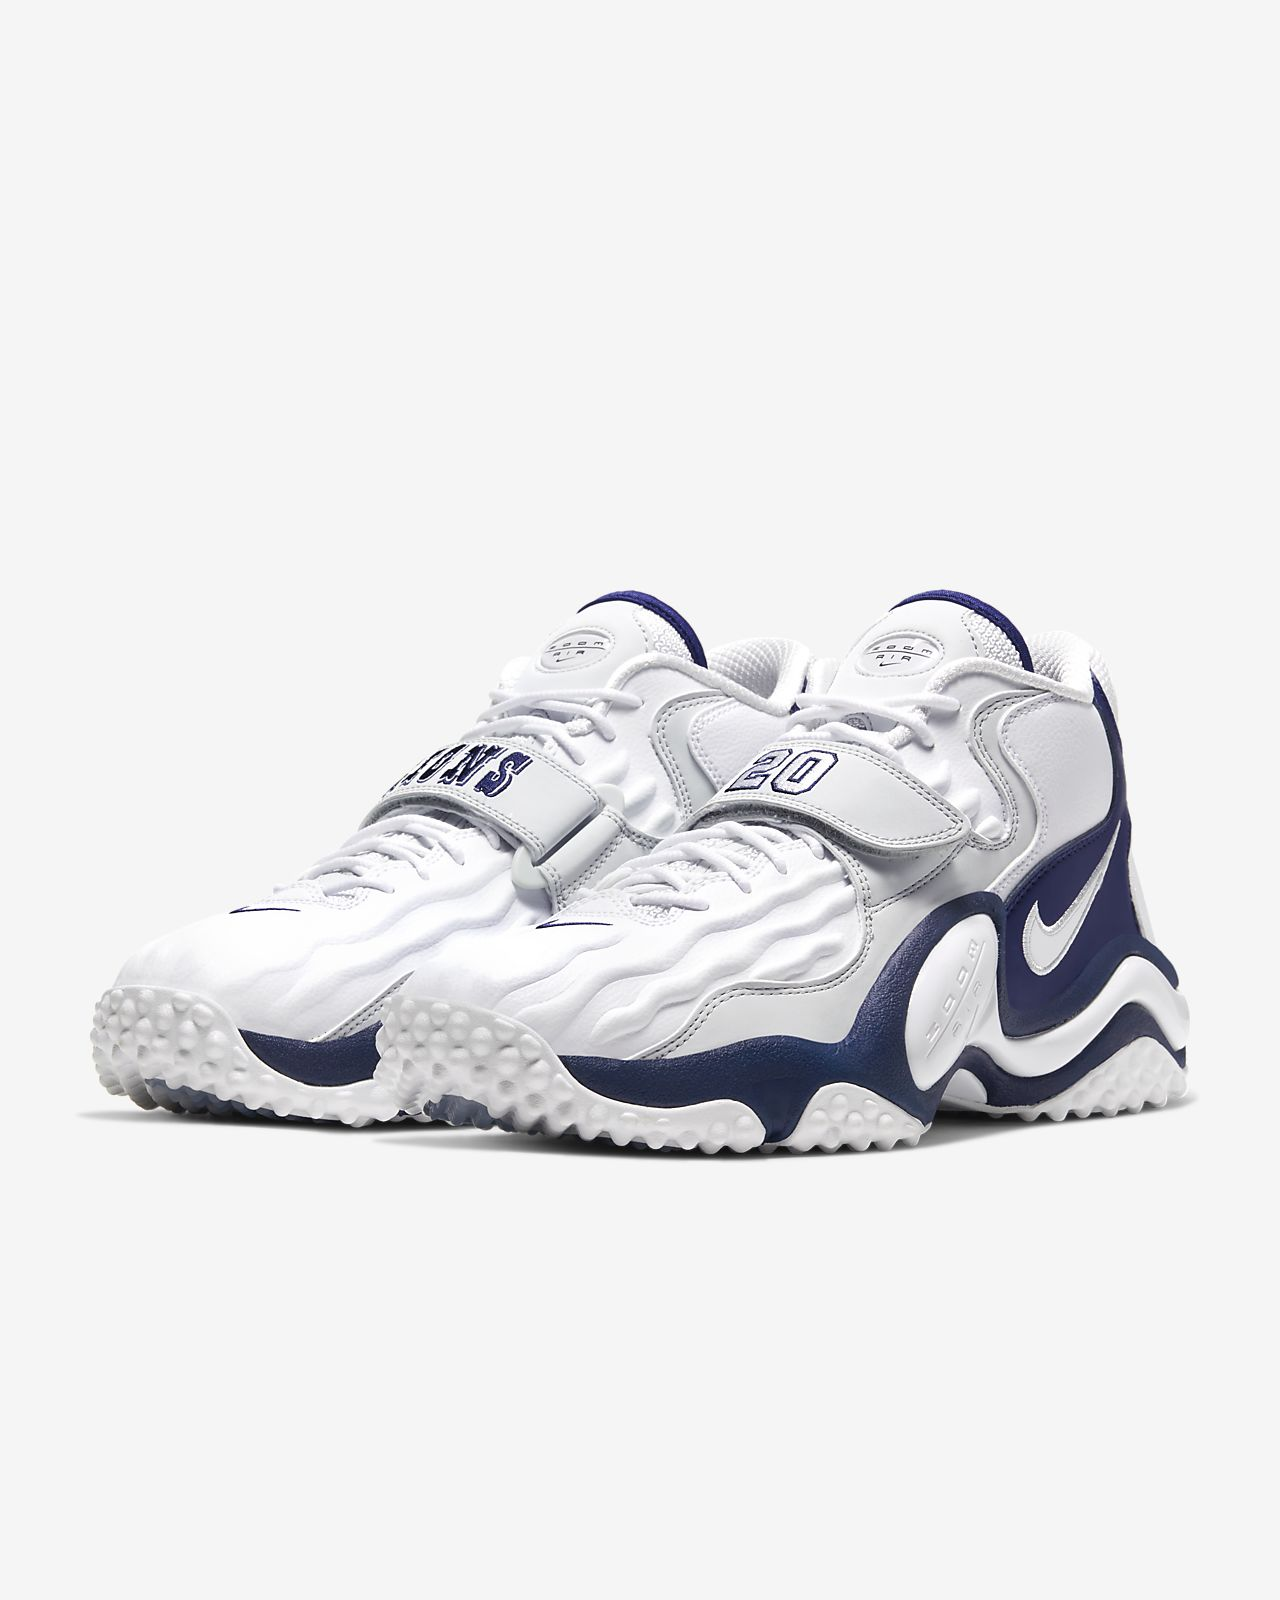 Nike Air Zoom Turf Jet '97 (Barry Sanders) Men's Football Shoe